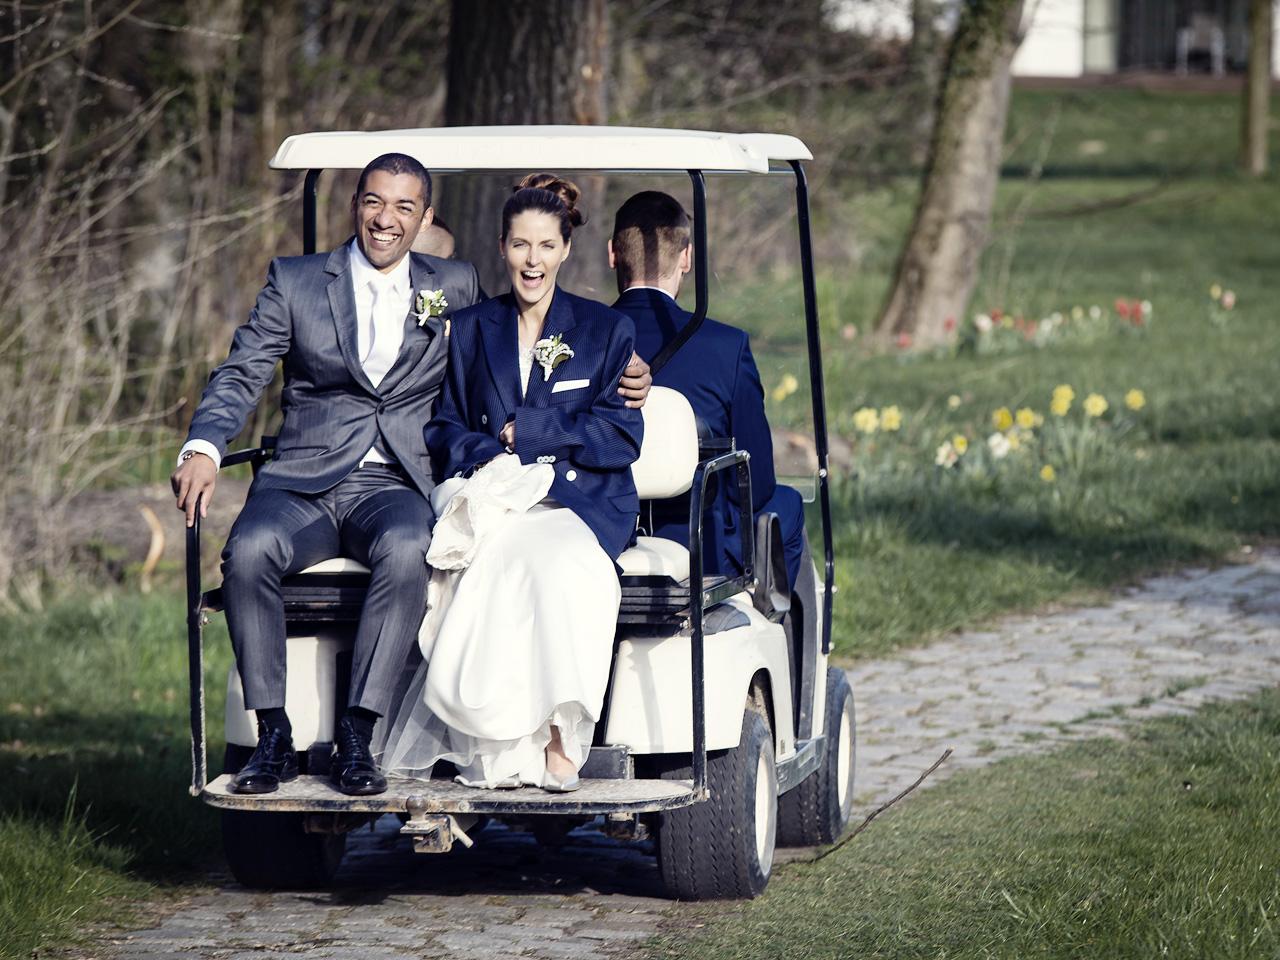 Fabulous Lustige Hochzeitsbilder Reference Of Brautpaar Im Hochzeitsauto